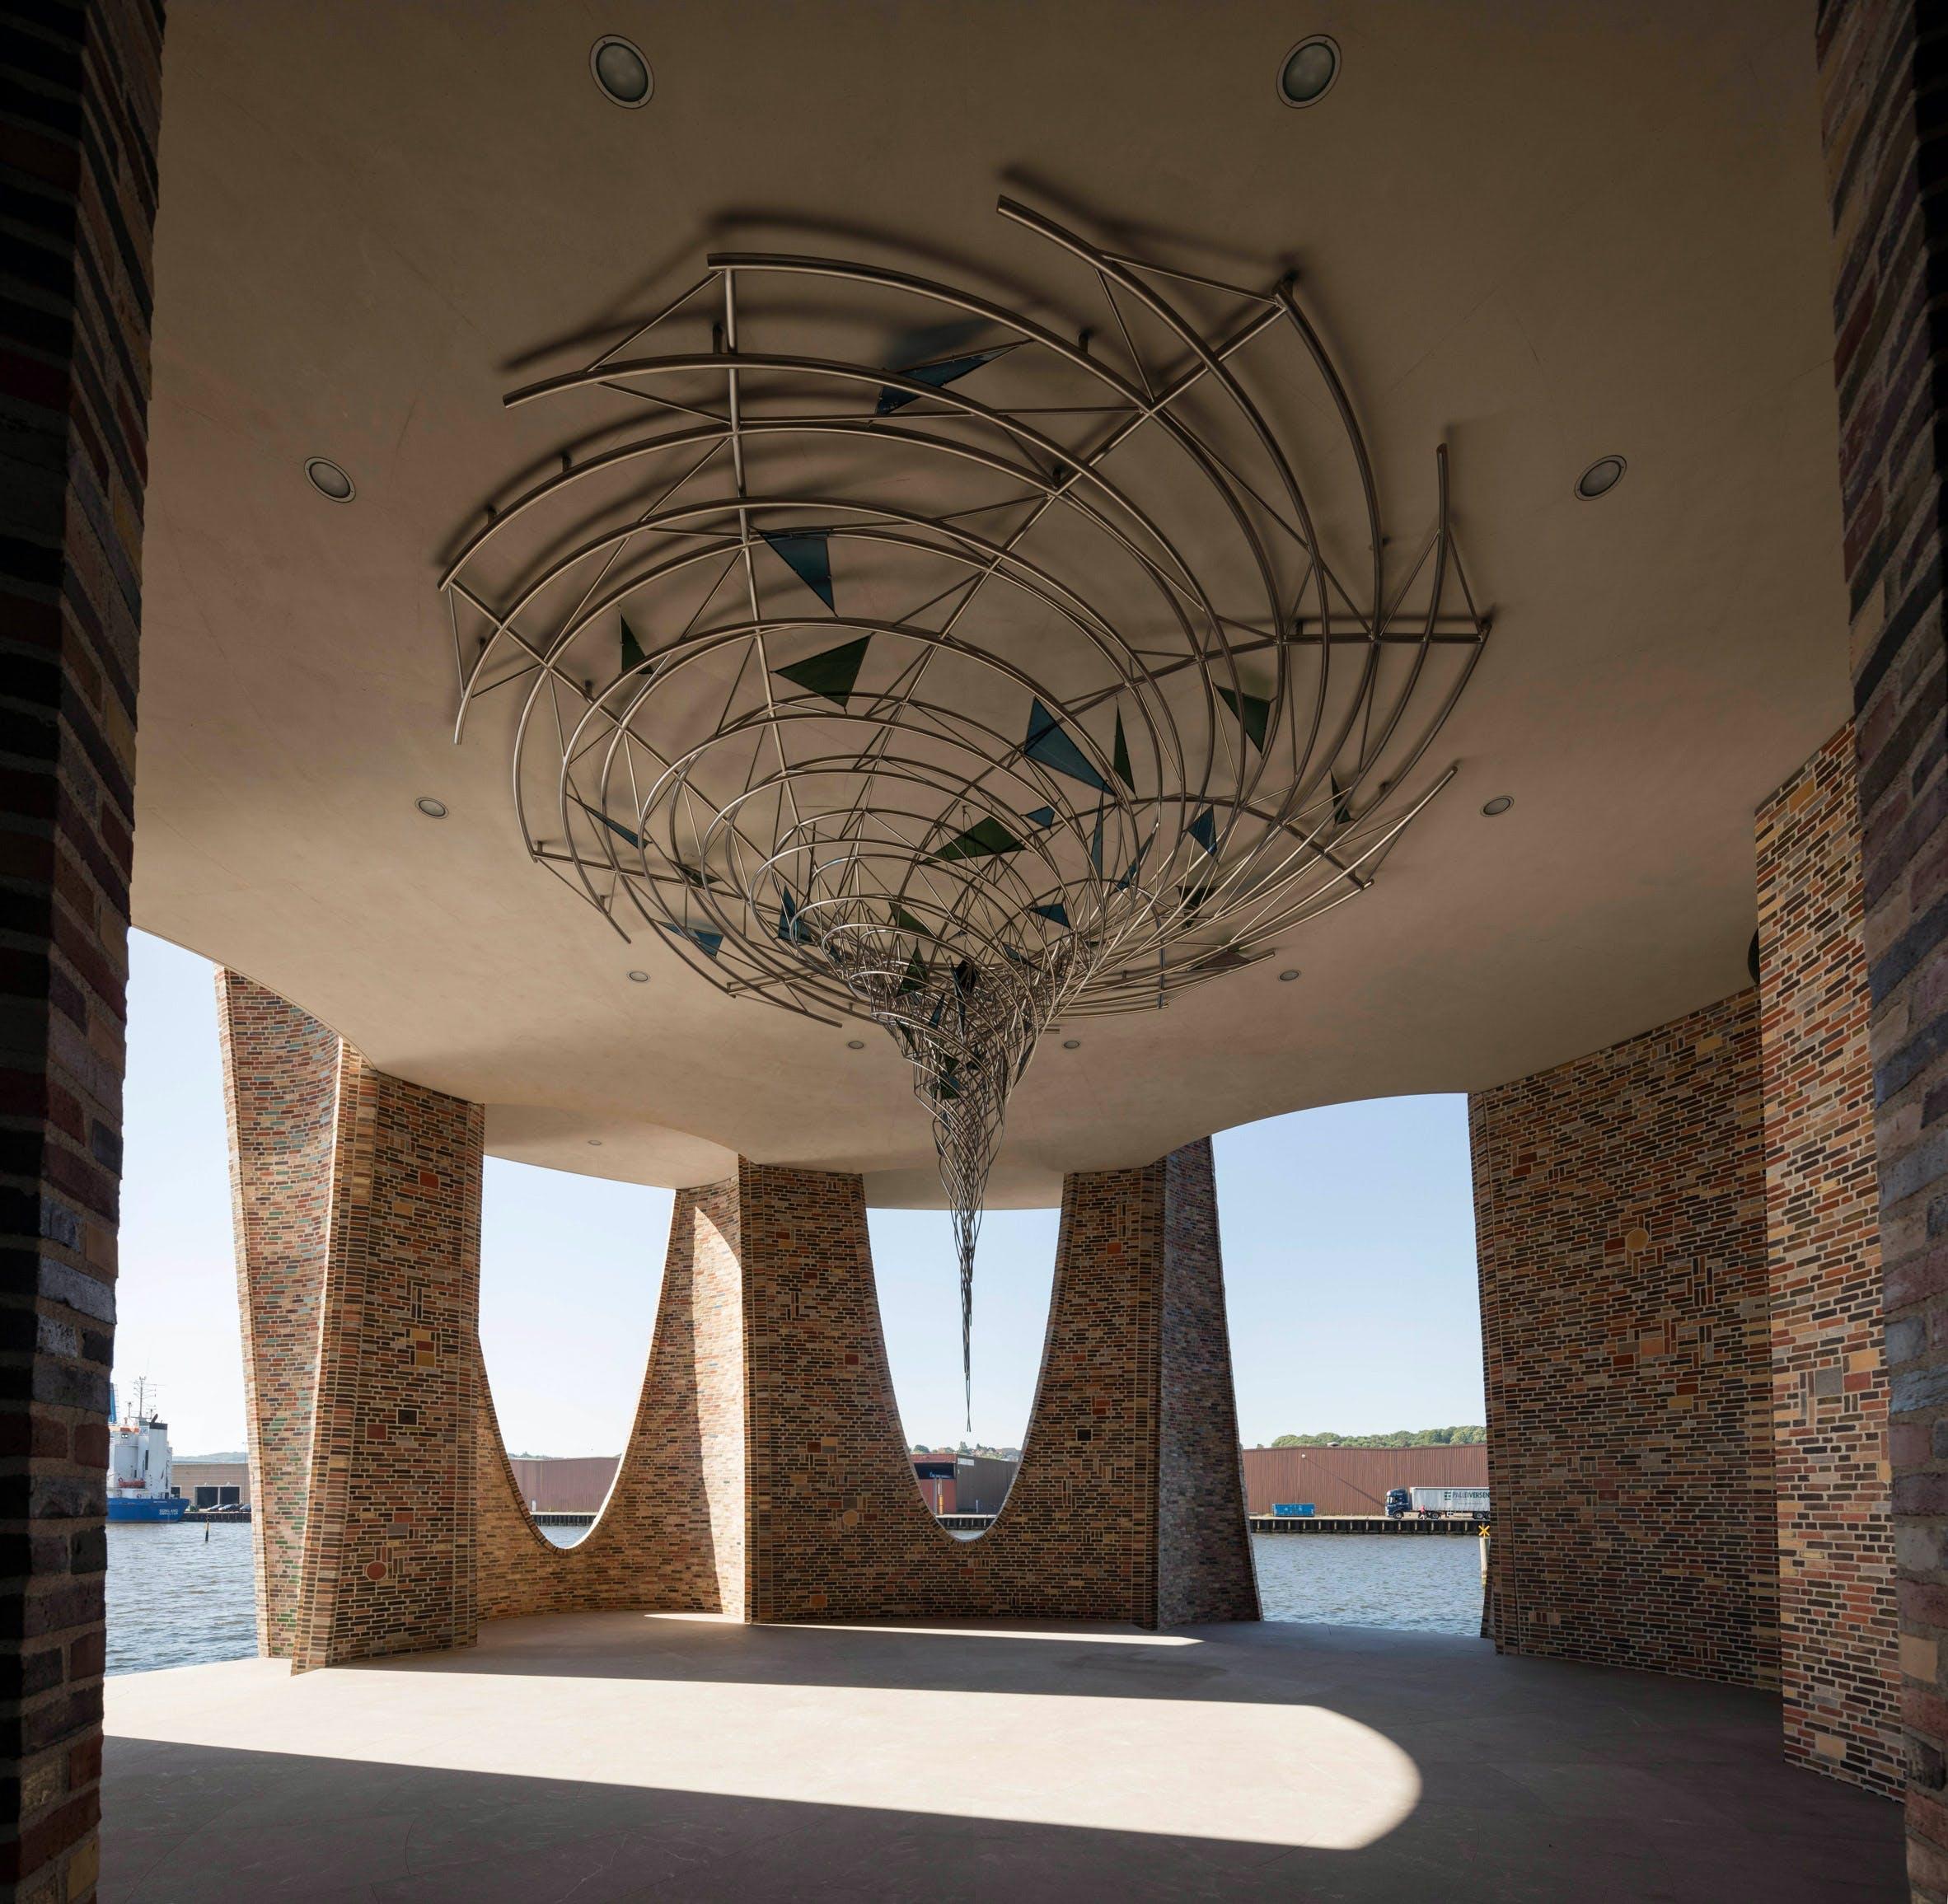 vejle fjord arkitektur olafur eliasson kontorbygning